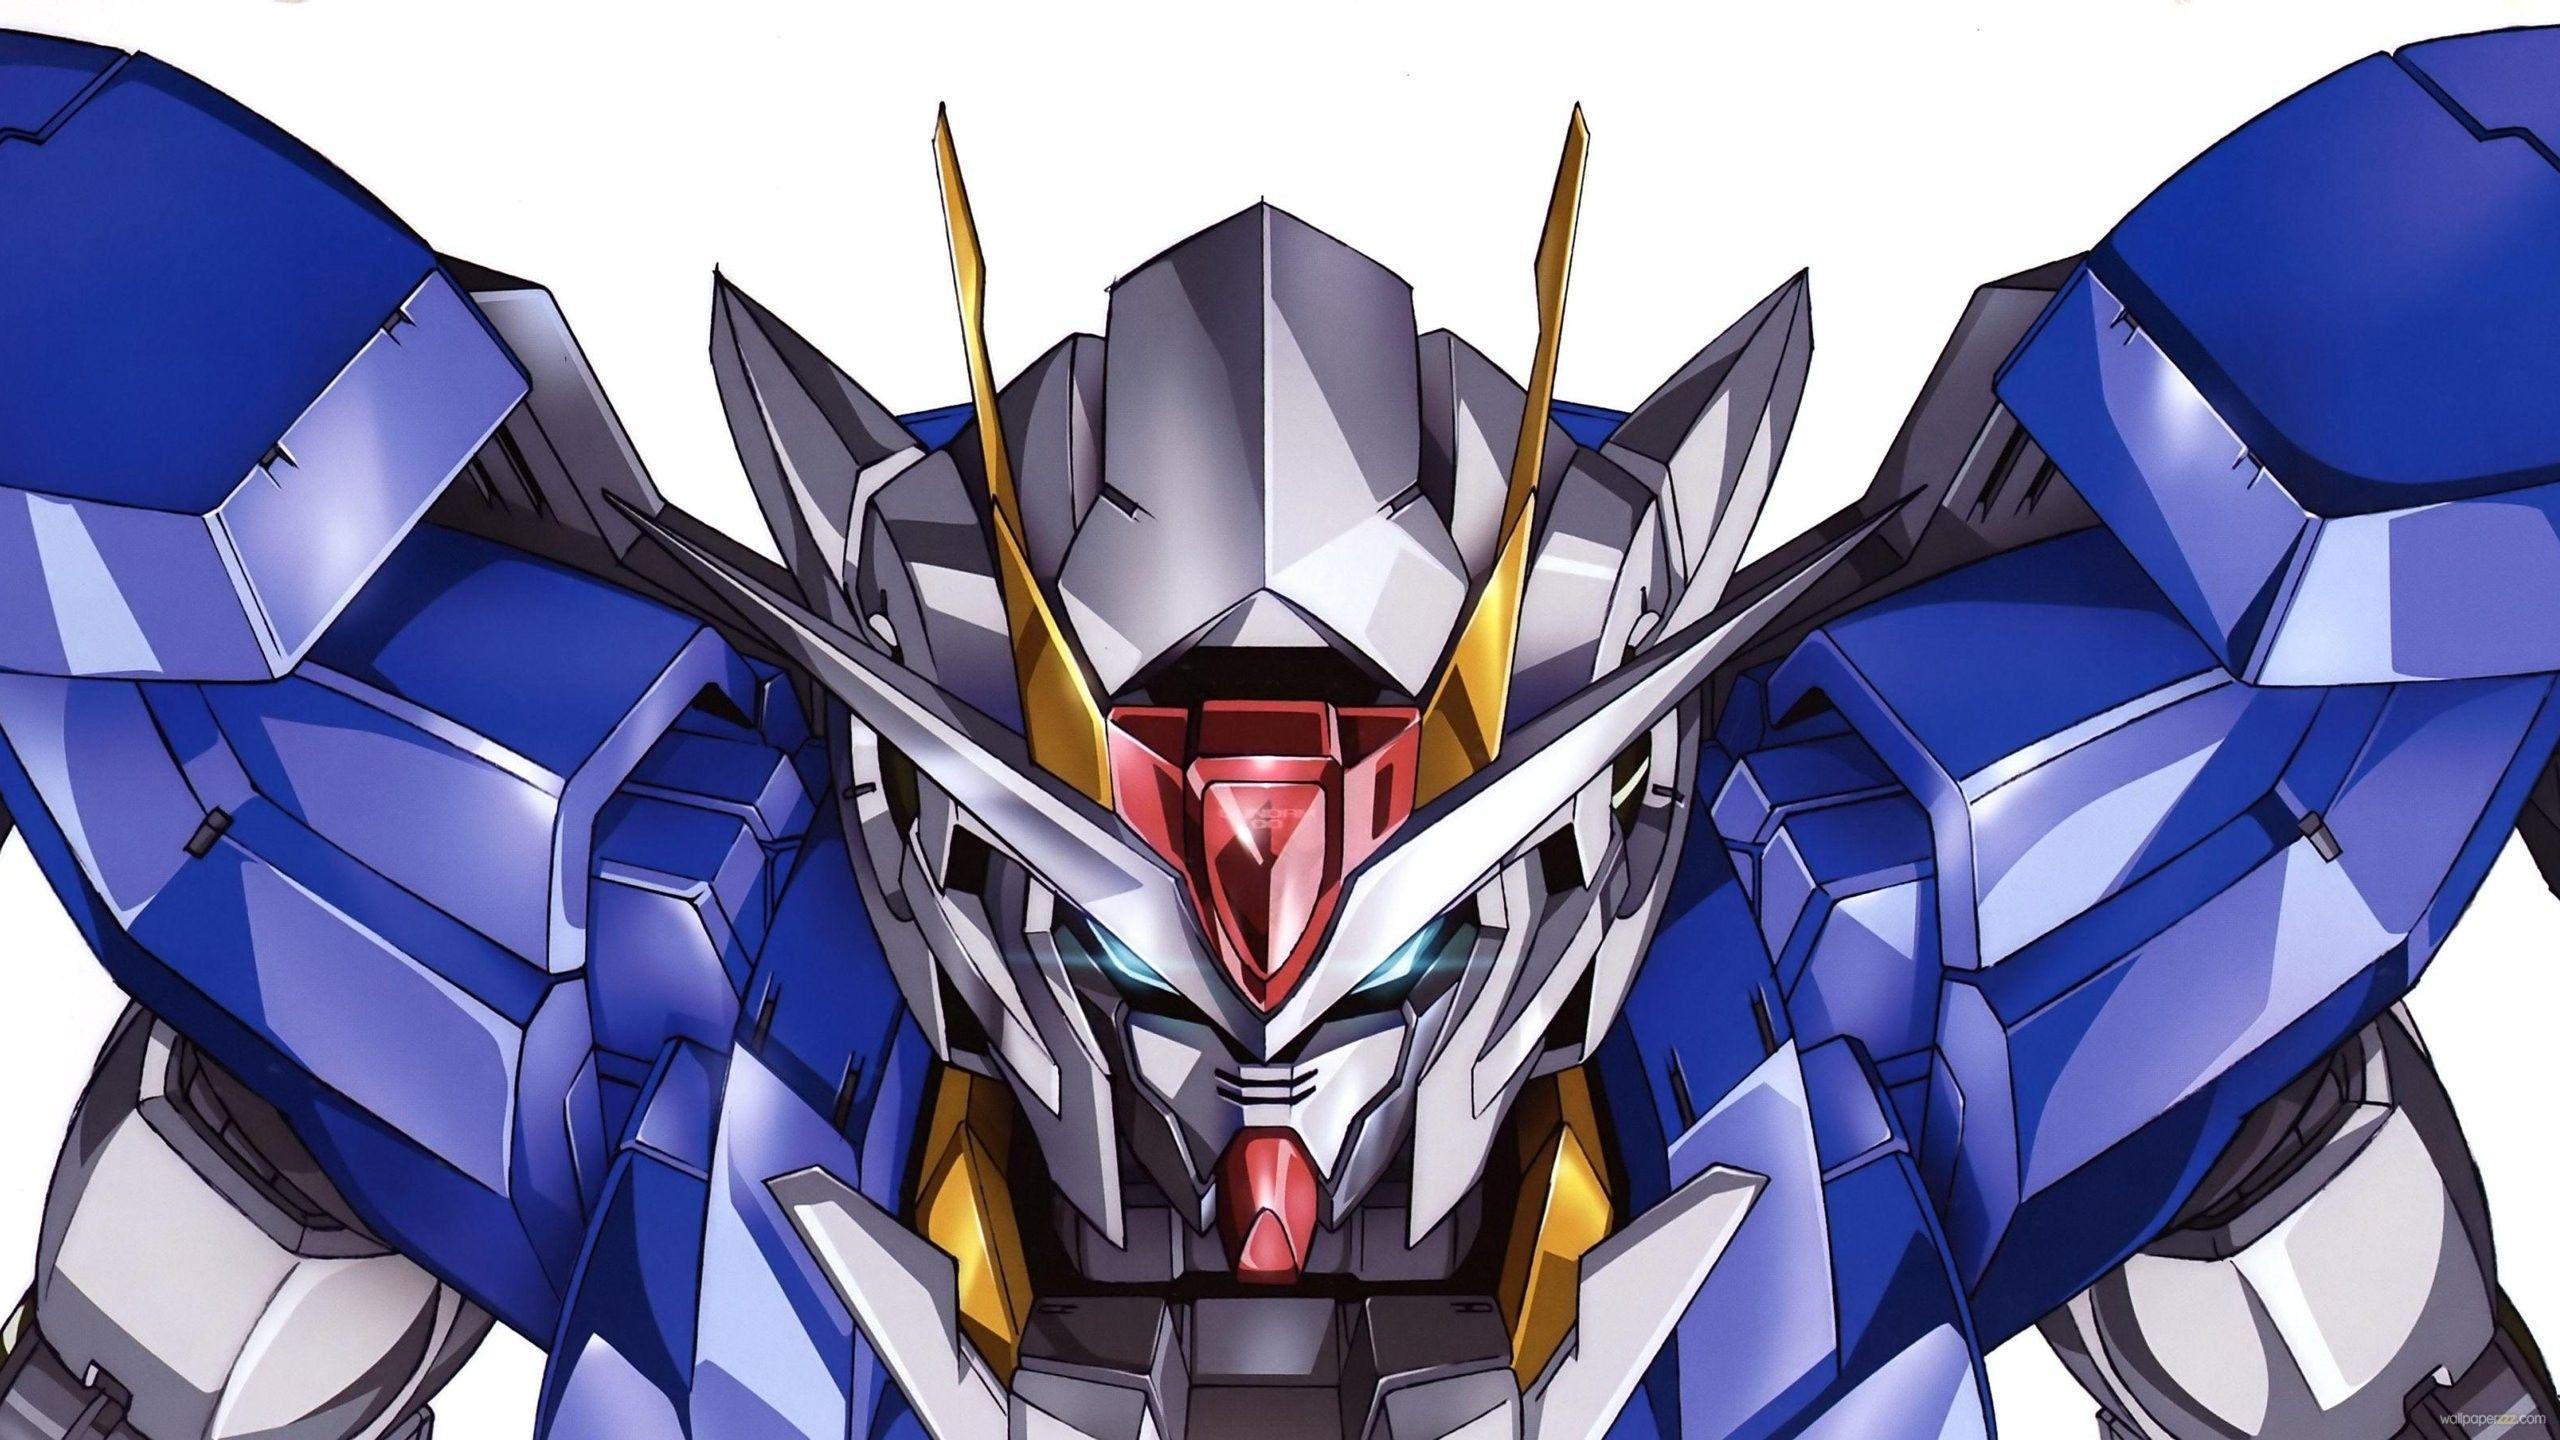 Gundam Wallpaper 1440x2560 Mywallpapers Site Gundam Wallpapers Gundam Anime Wallpaper Gundam exia wallpaper 4k